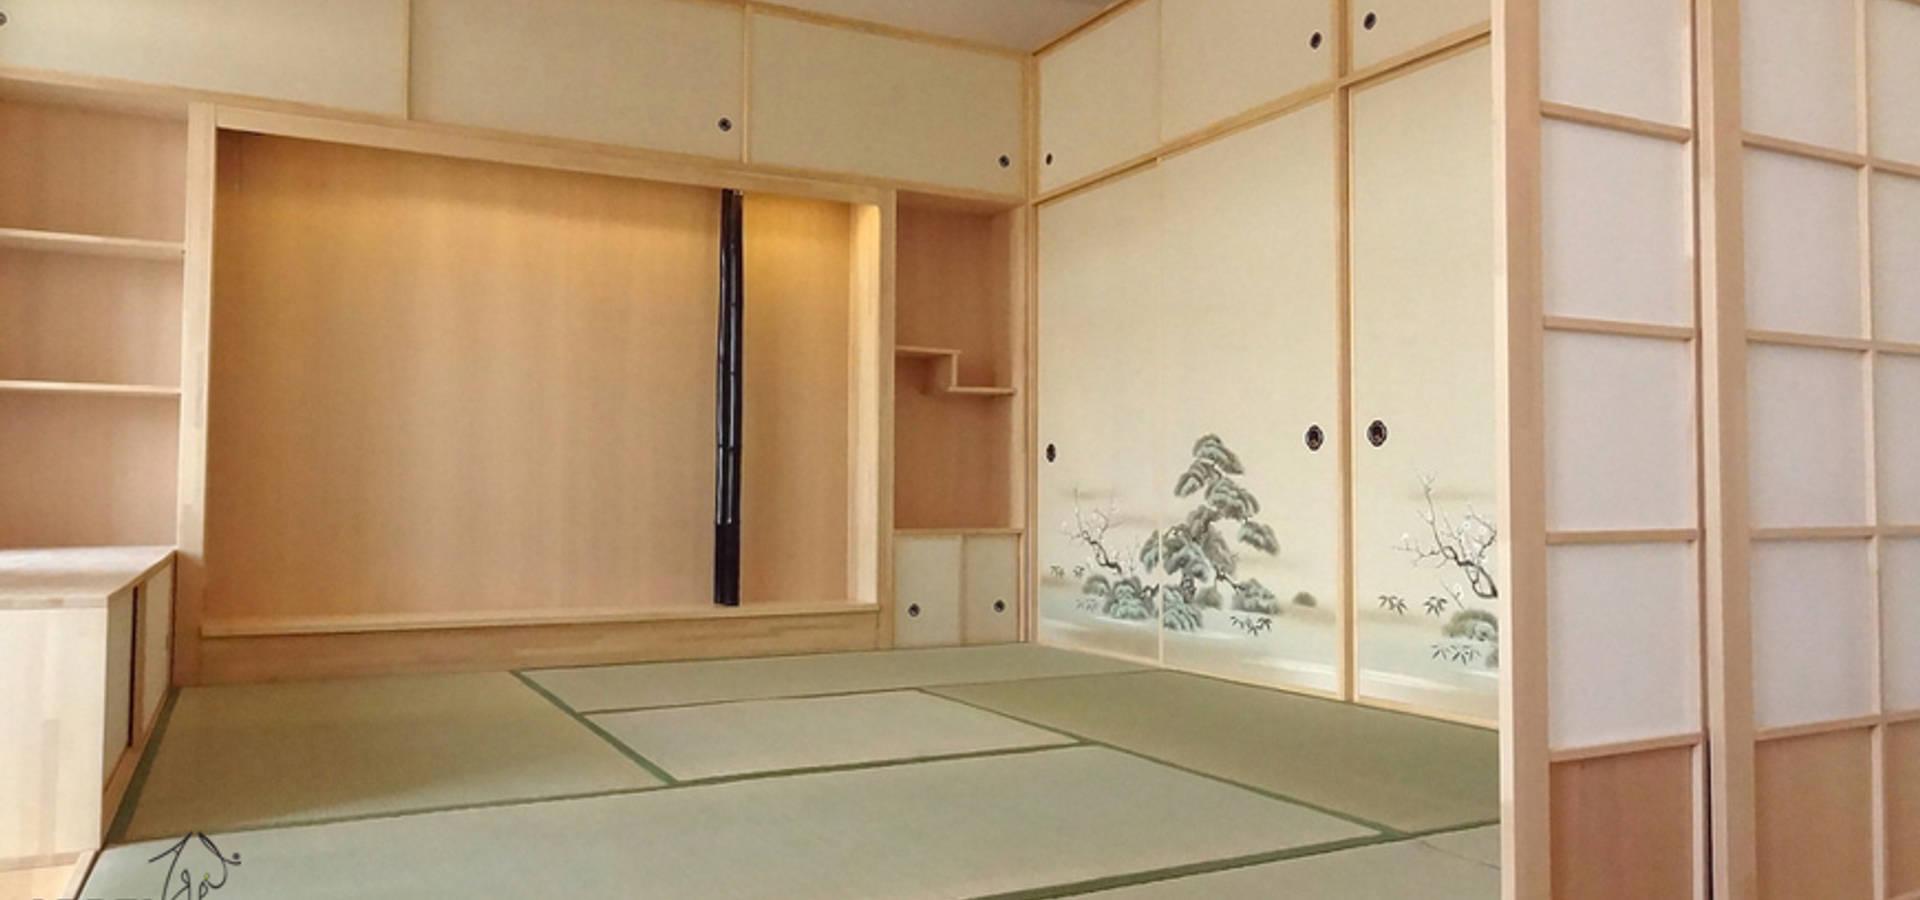 Camera da letto in stile giapponese Shoji von Arpel | homify